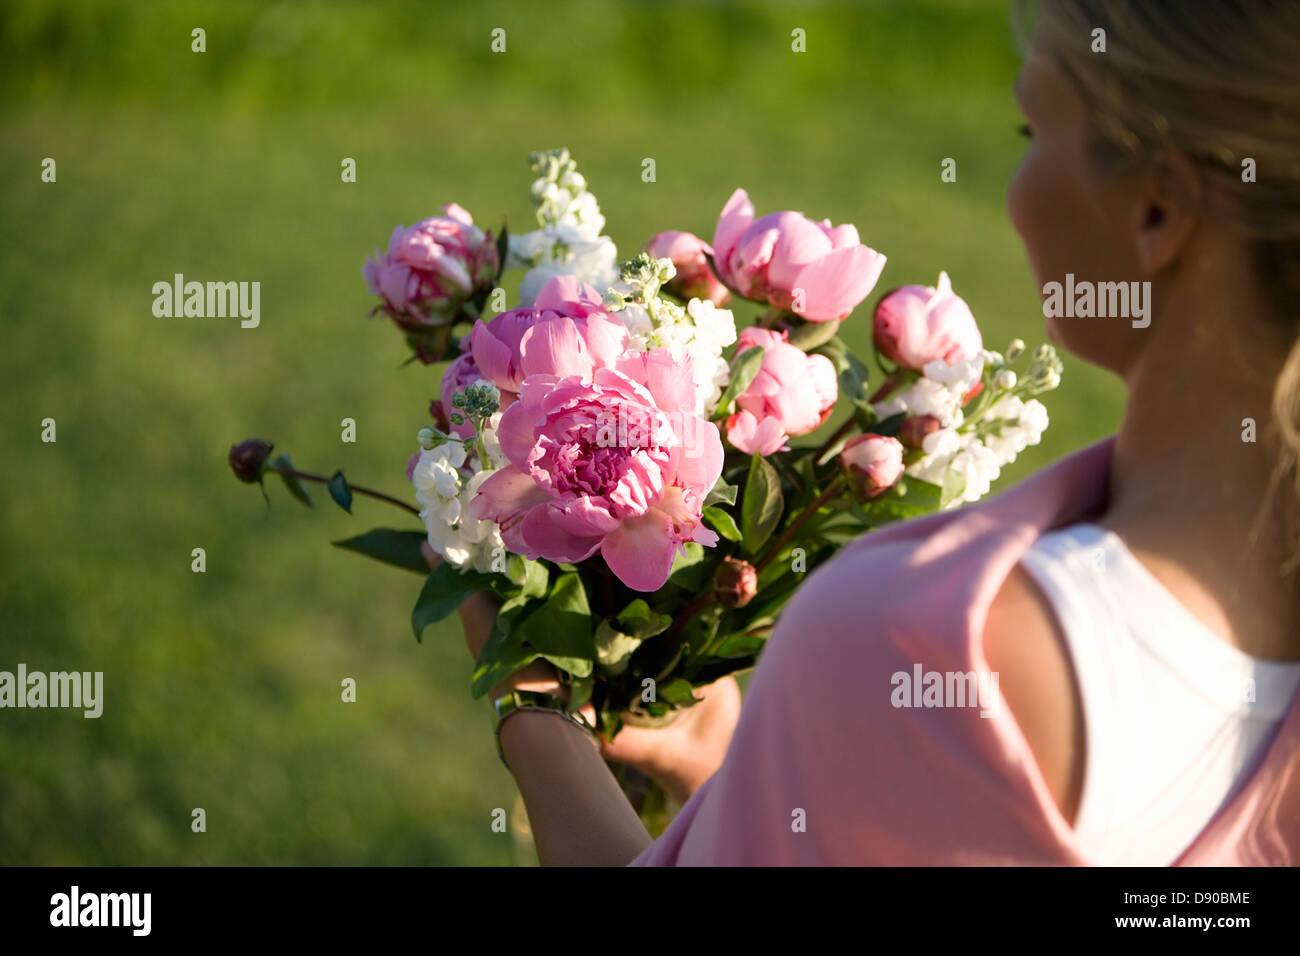 Frau mit ein paar Blumen, Fejan, Stockholmer Schären, Schweden. Stockfoto